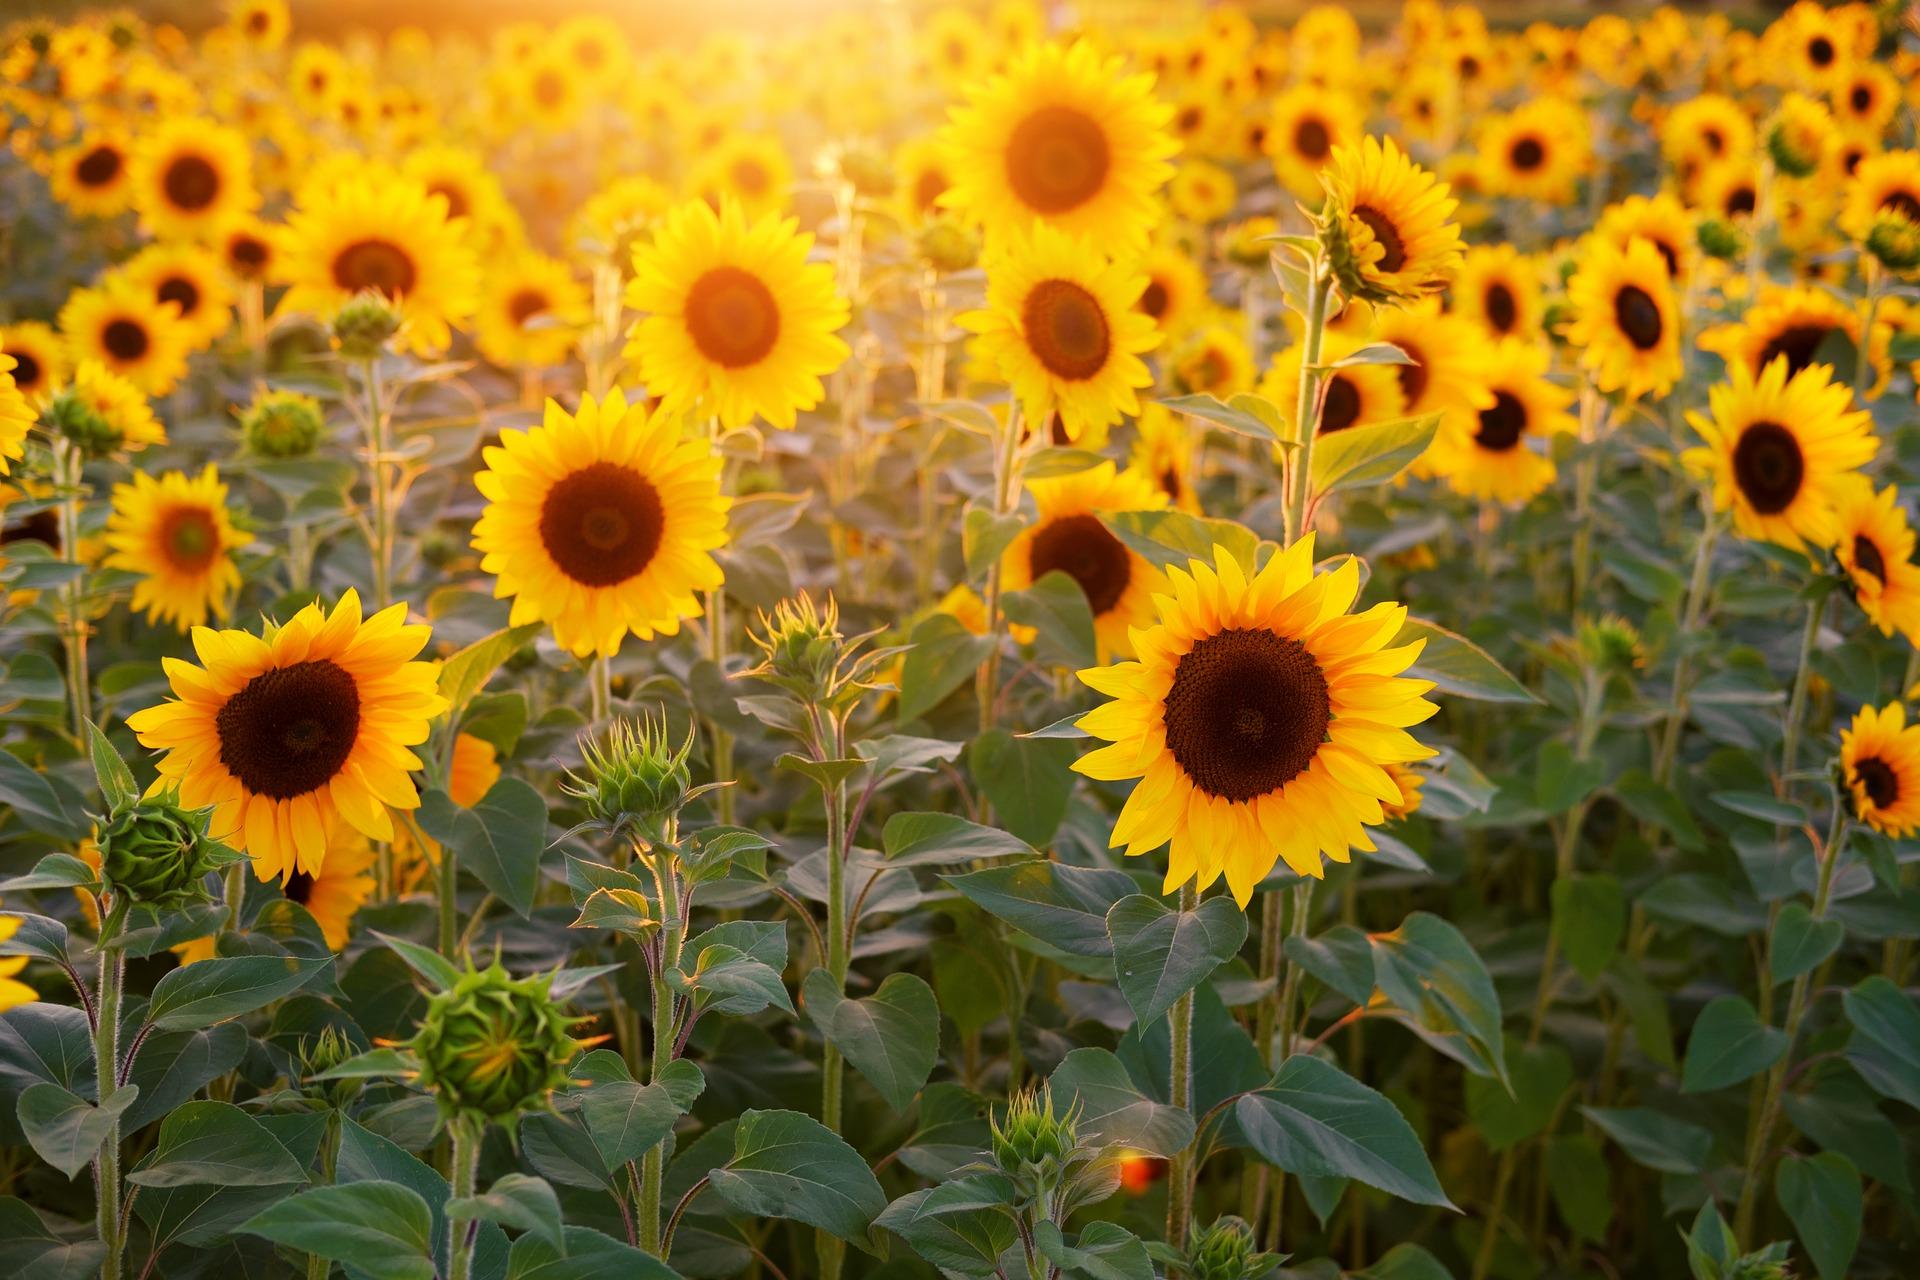 Ảnh nền hoa hướng dương dưới ánh nắng